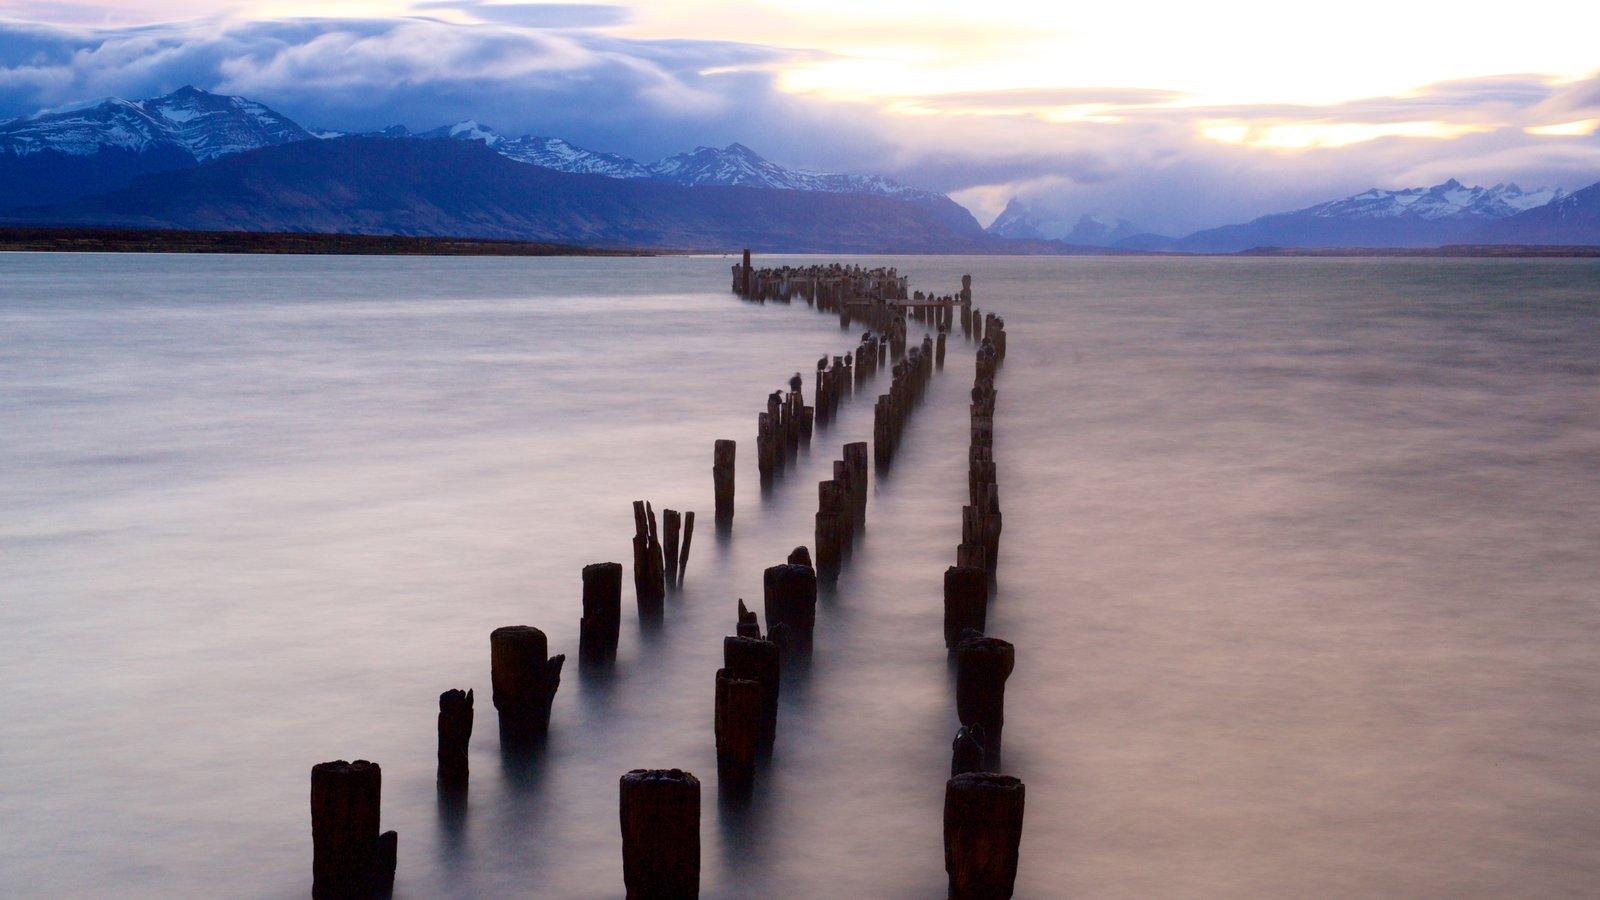 Puerto Natales que inclui um lago ou charco, um pôr do sol e paisagem